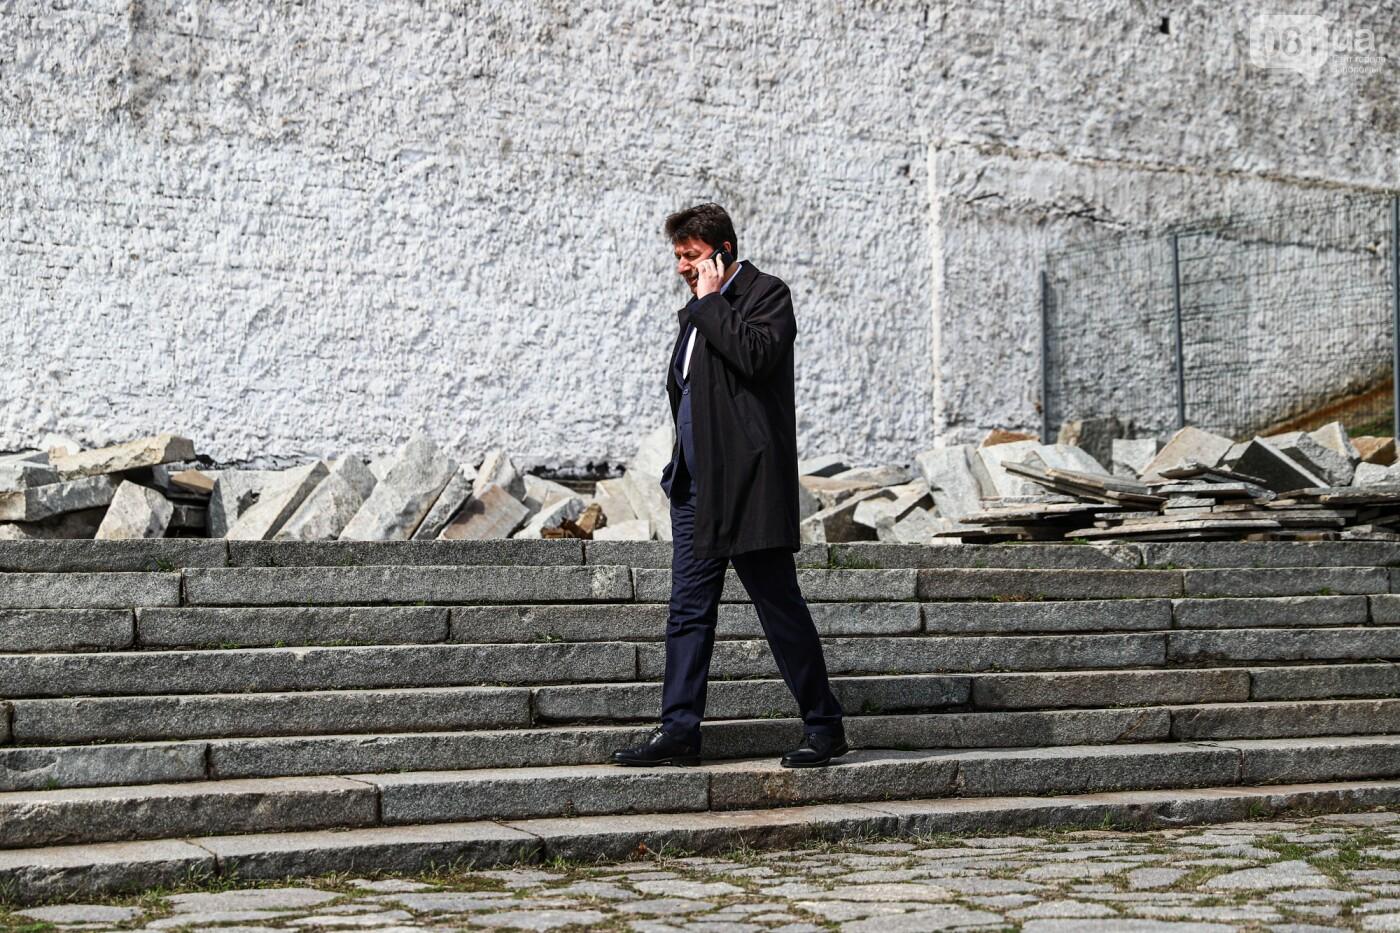 Музей истории запорожского казачества в ожидании реконструкции: как сейчас выглядит аварийное здание, - ФОТОРЕПОРТАЖ, фото-28